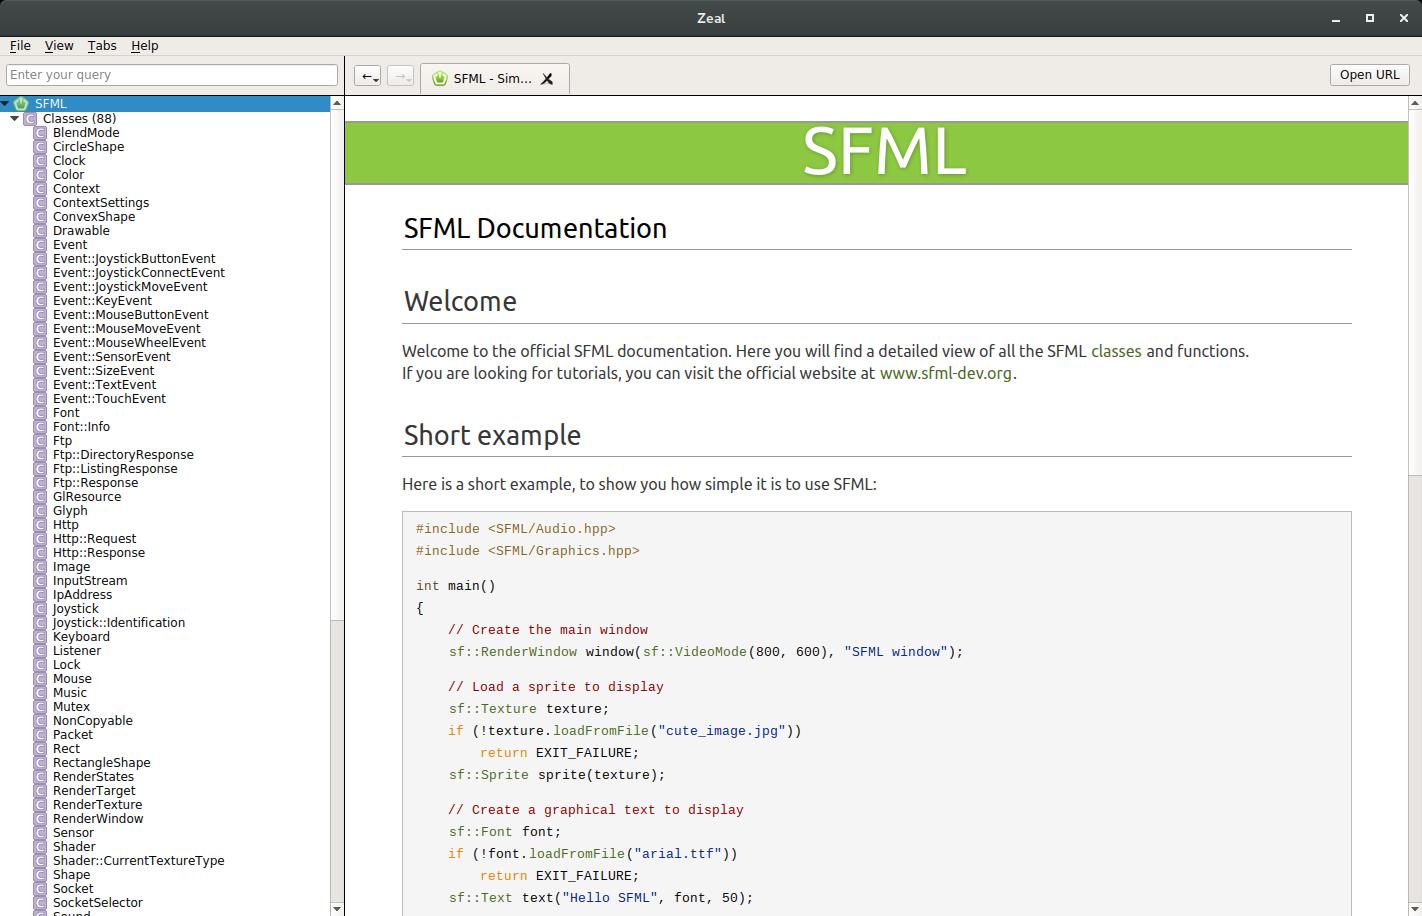 GitHub - tsoding/sfml-docset: Dash docset for SFML